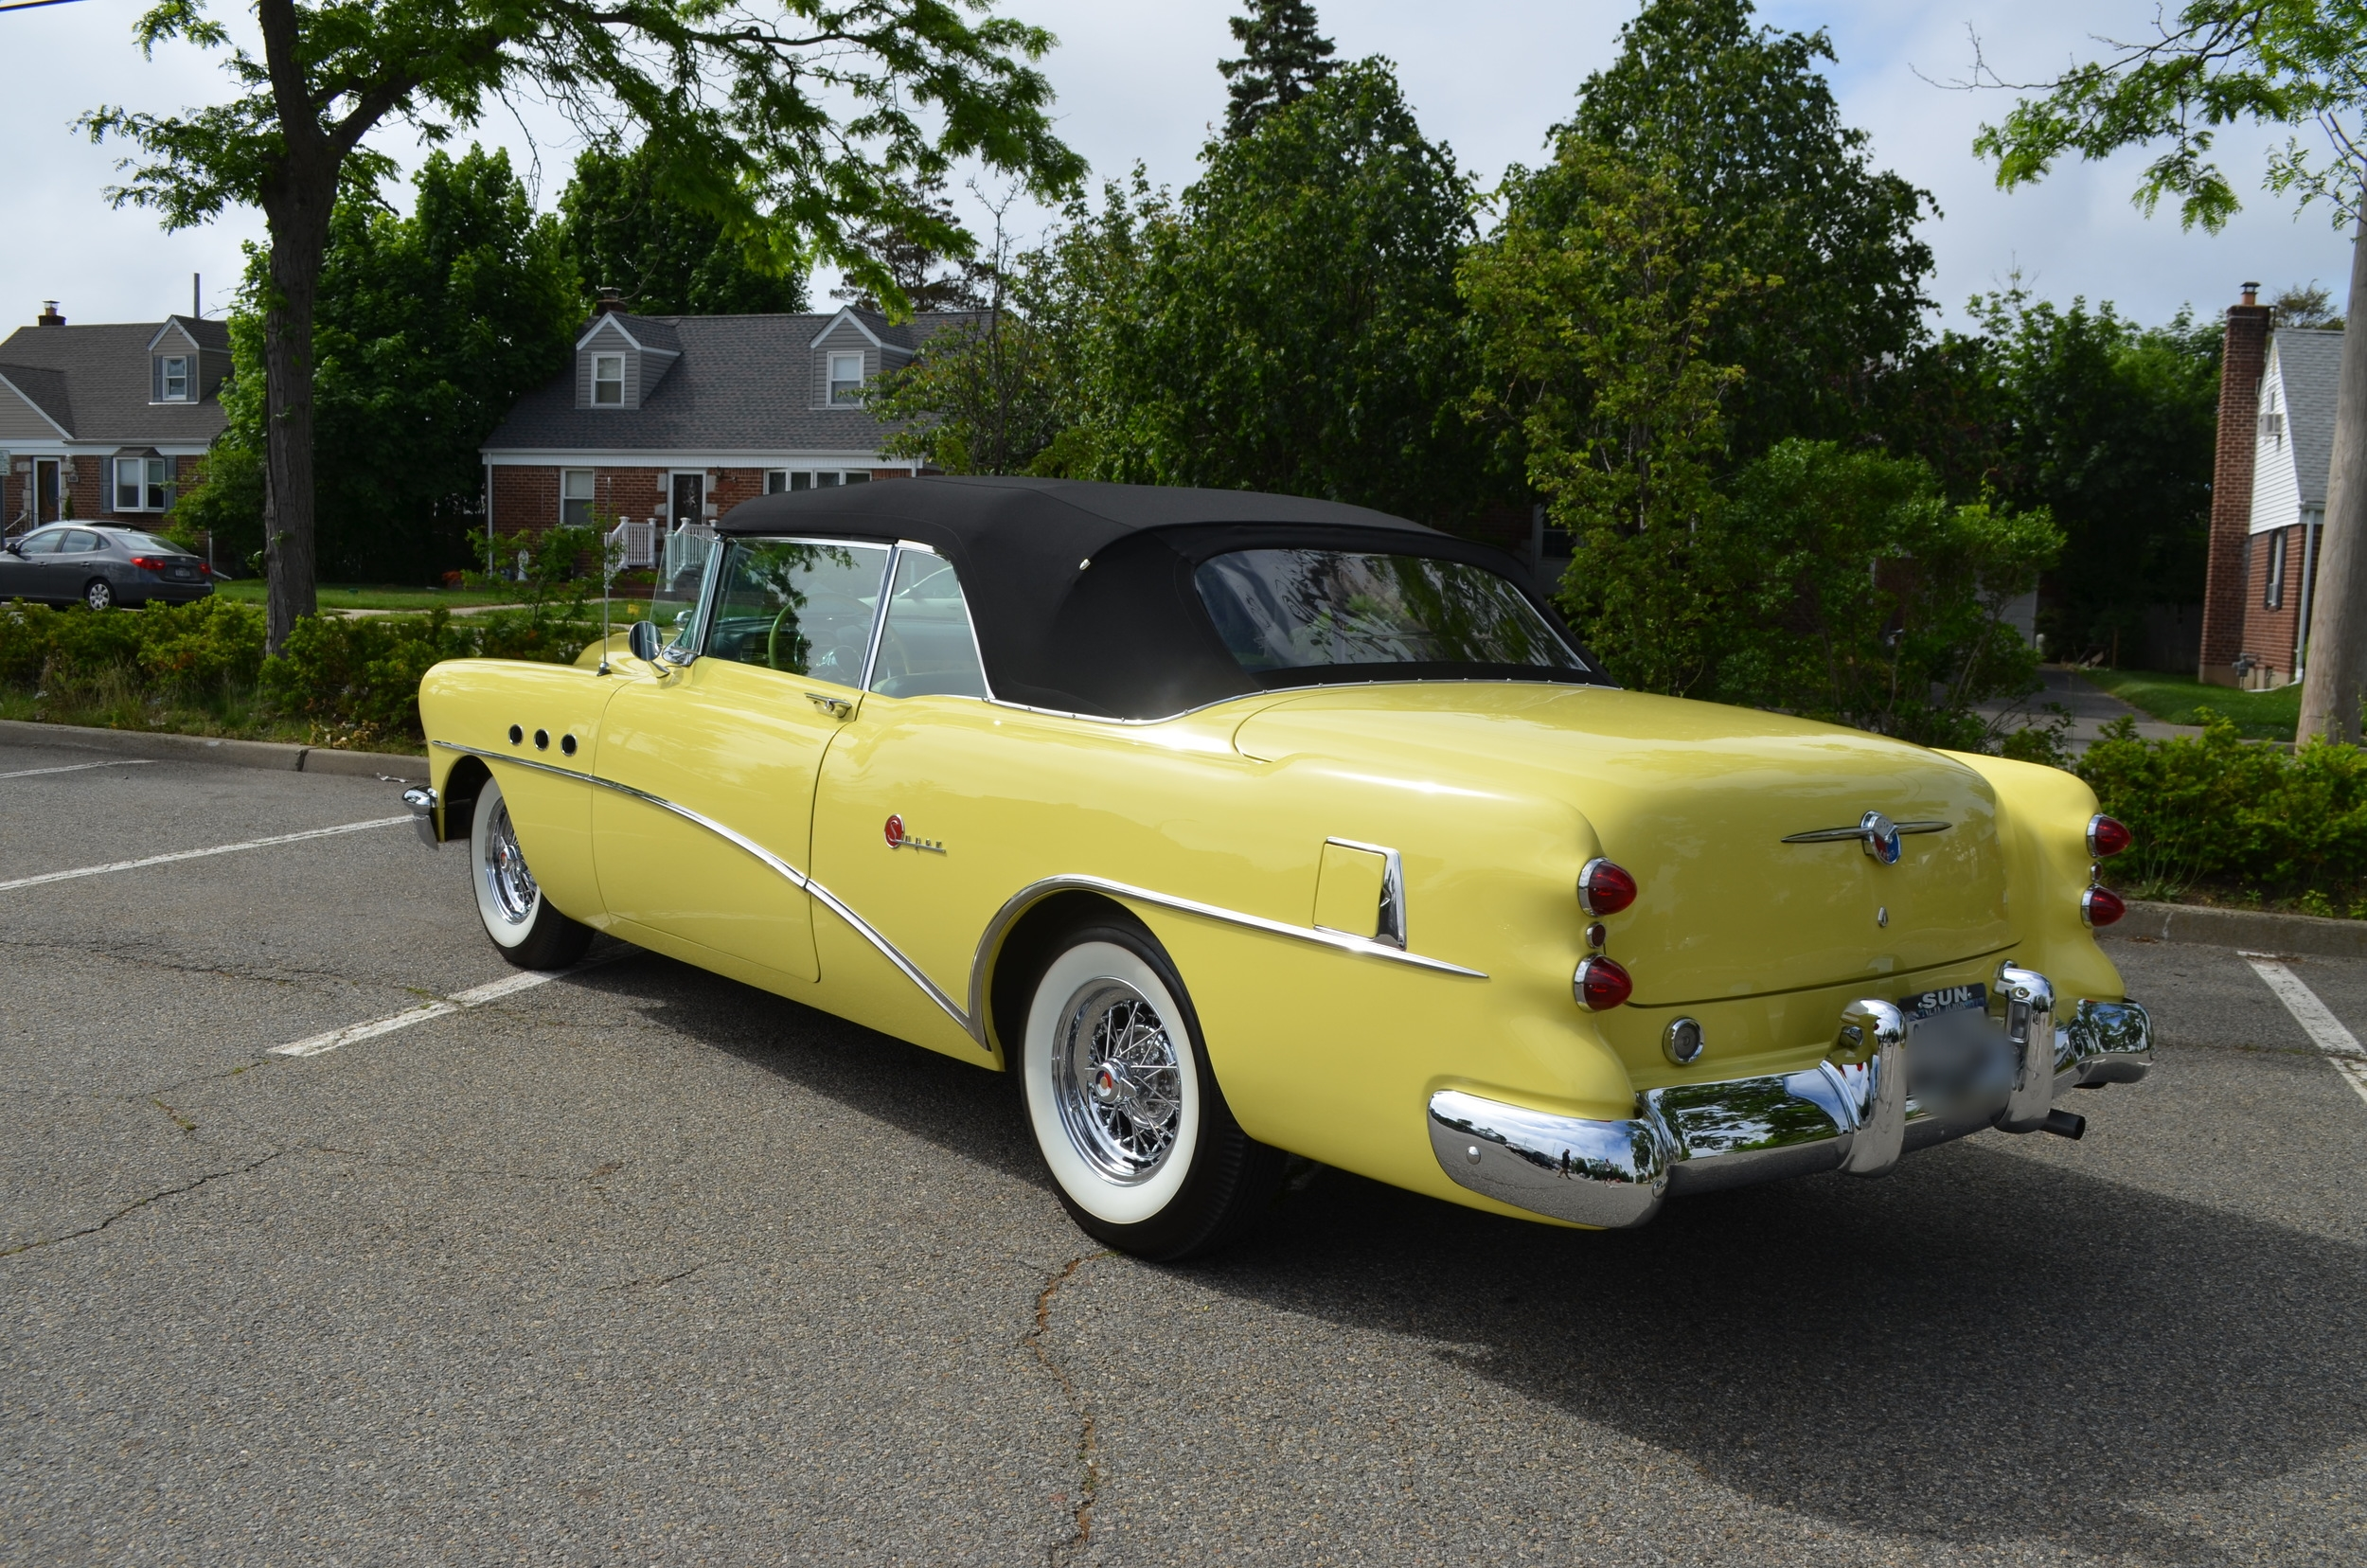 Patrick Cassino: 1956 Super Convertible